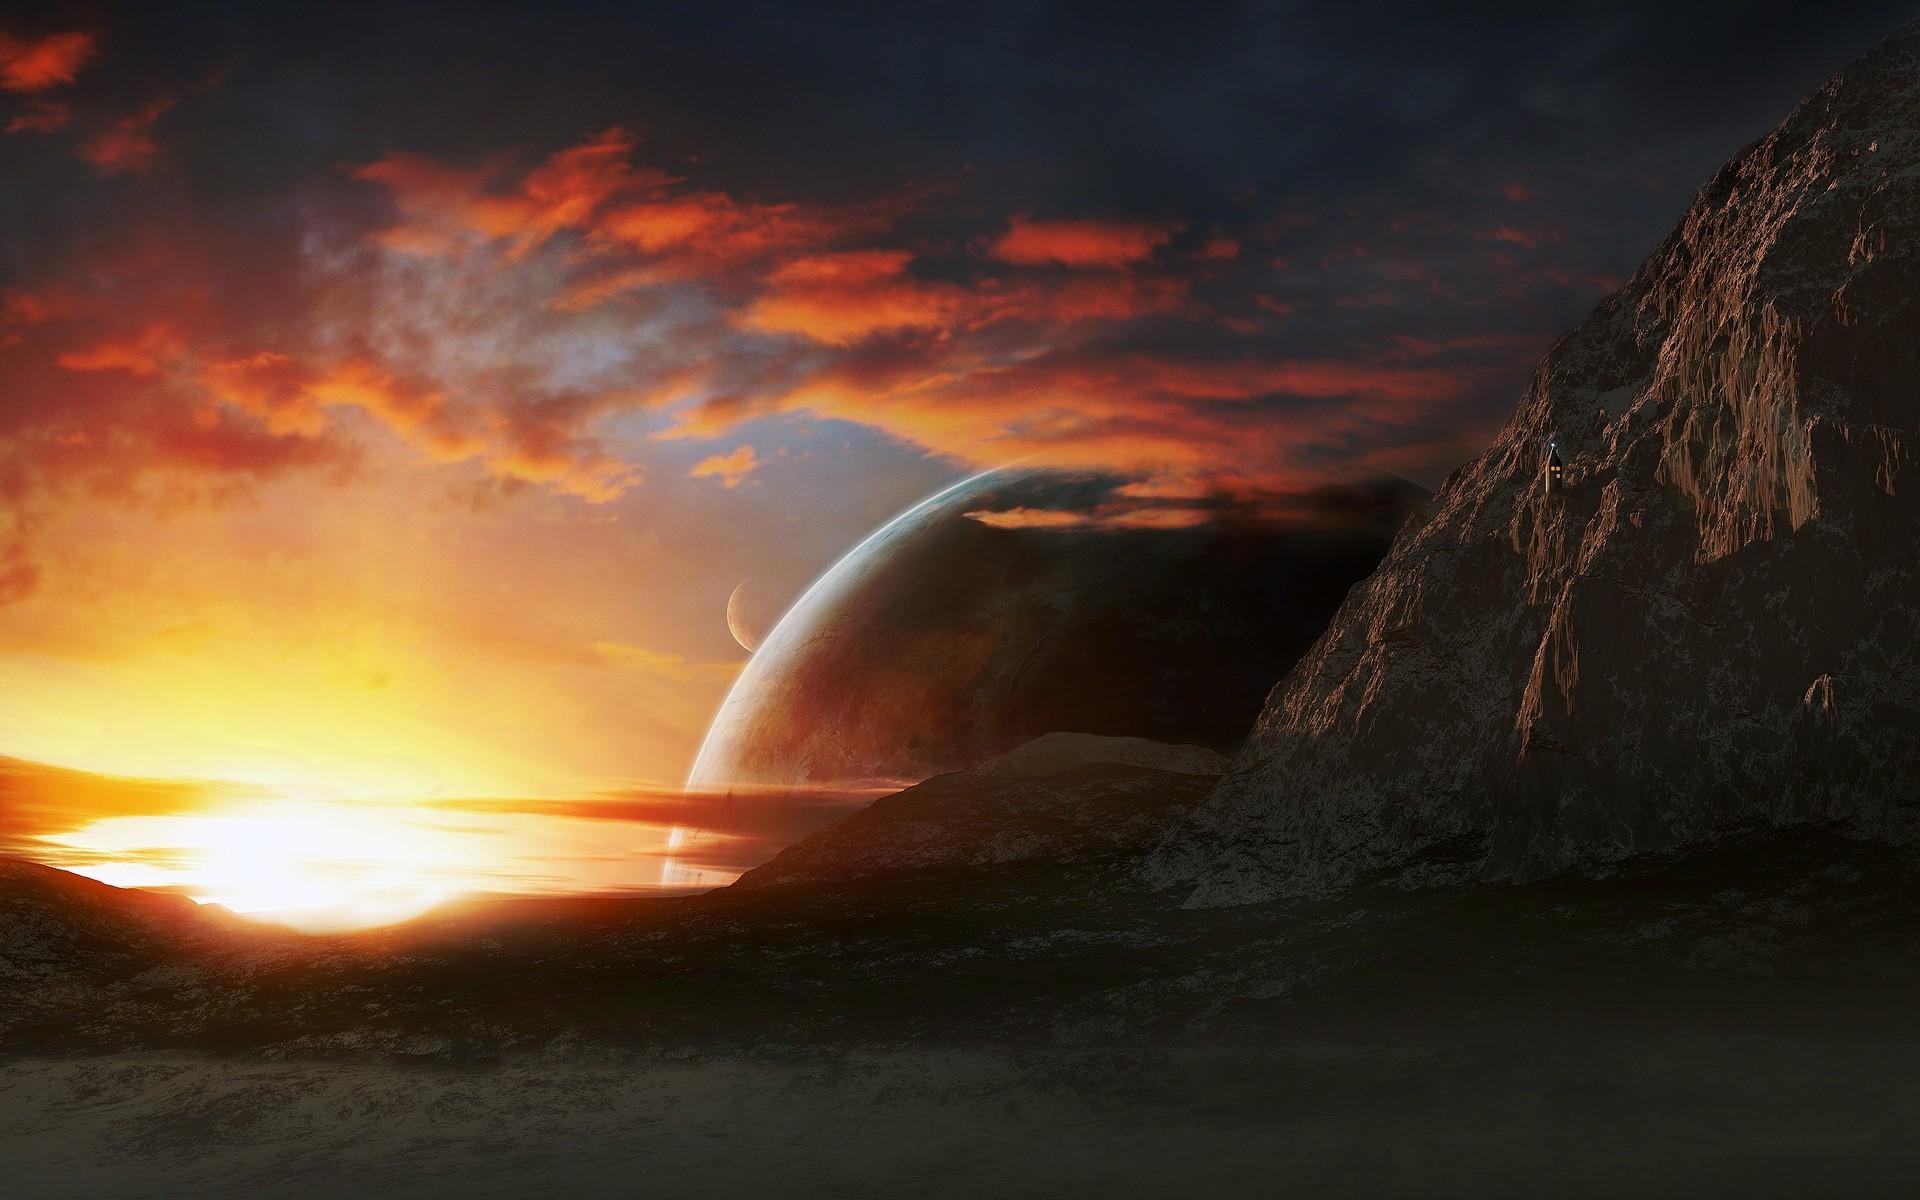 болотно-серого цвета картинки космоса заката данной композиции лучше